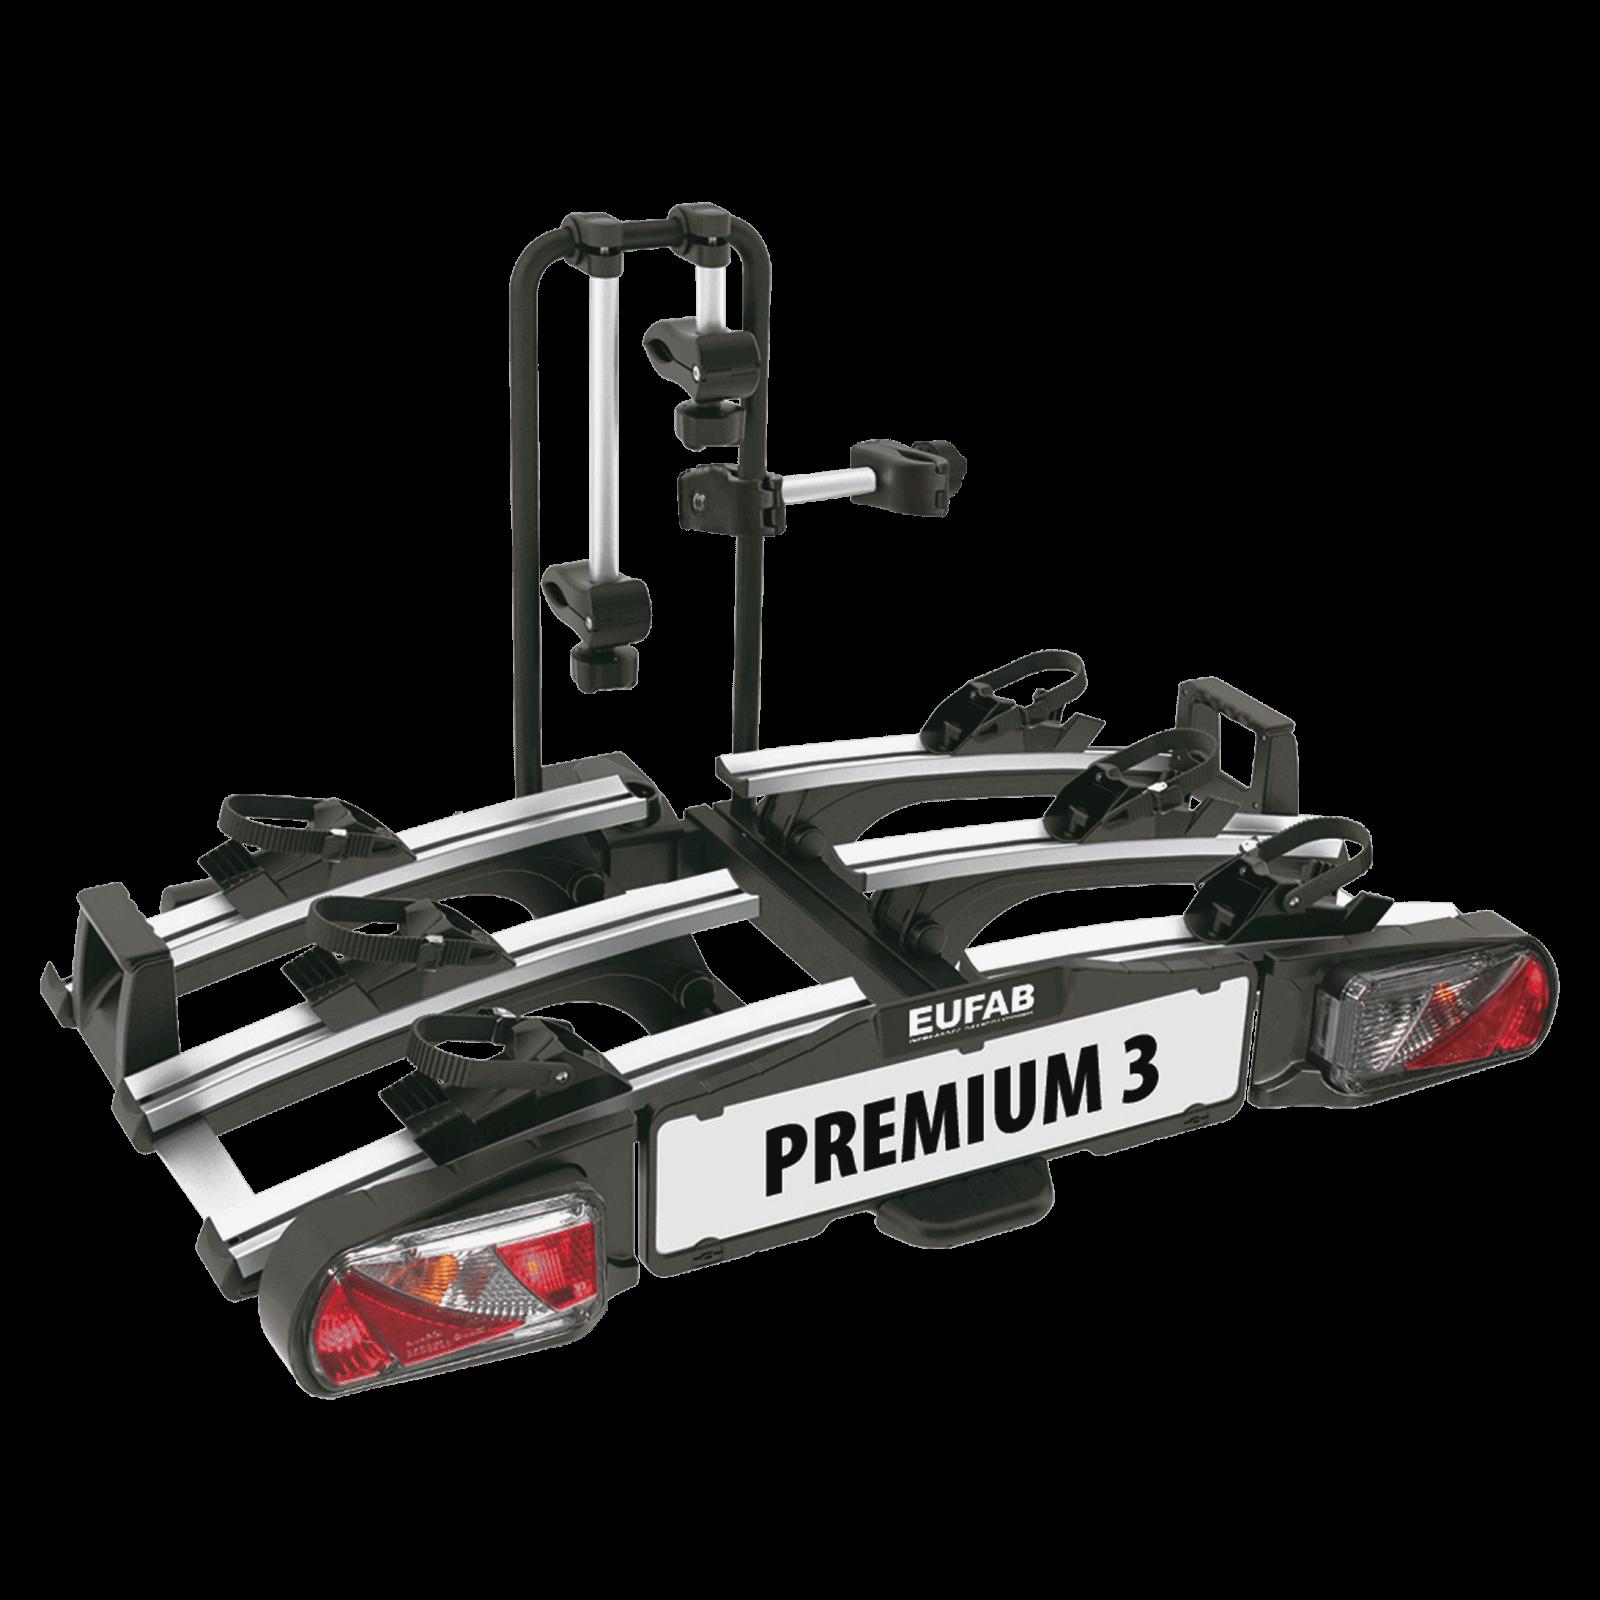 fahrradtr ger eufab premium iii f r 3 fahrr der montage auf der anh ngerkupplung nutzlast 60. Black Bedroom Furniture Sets. Home Design Ideas